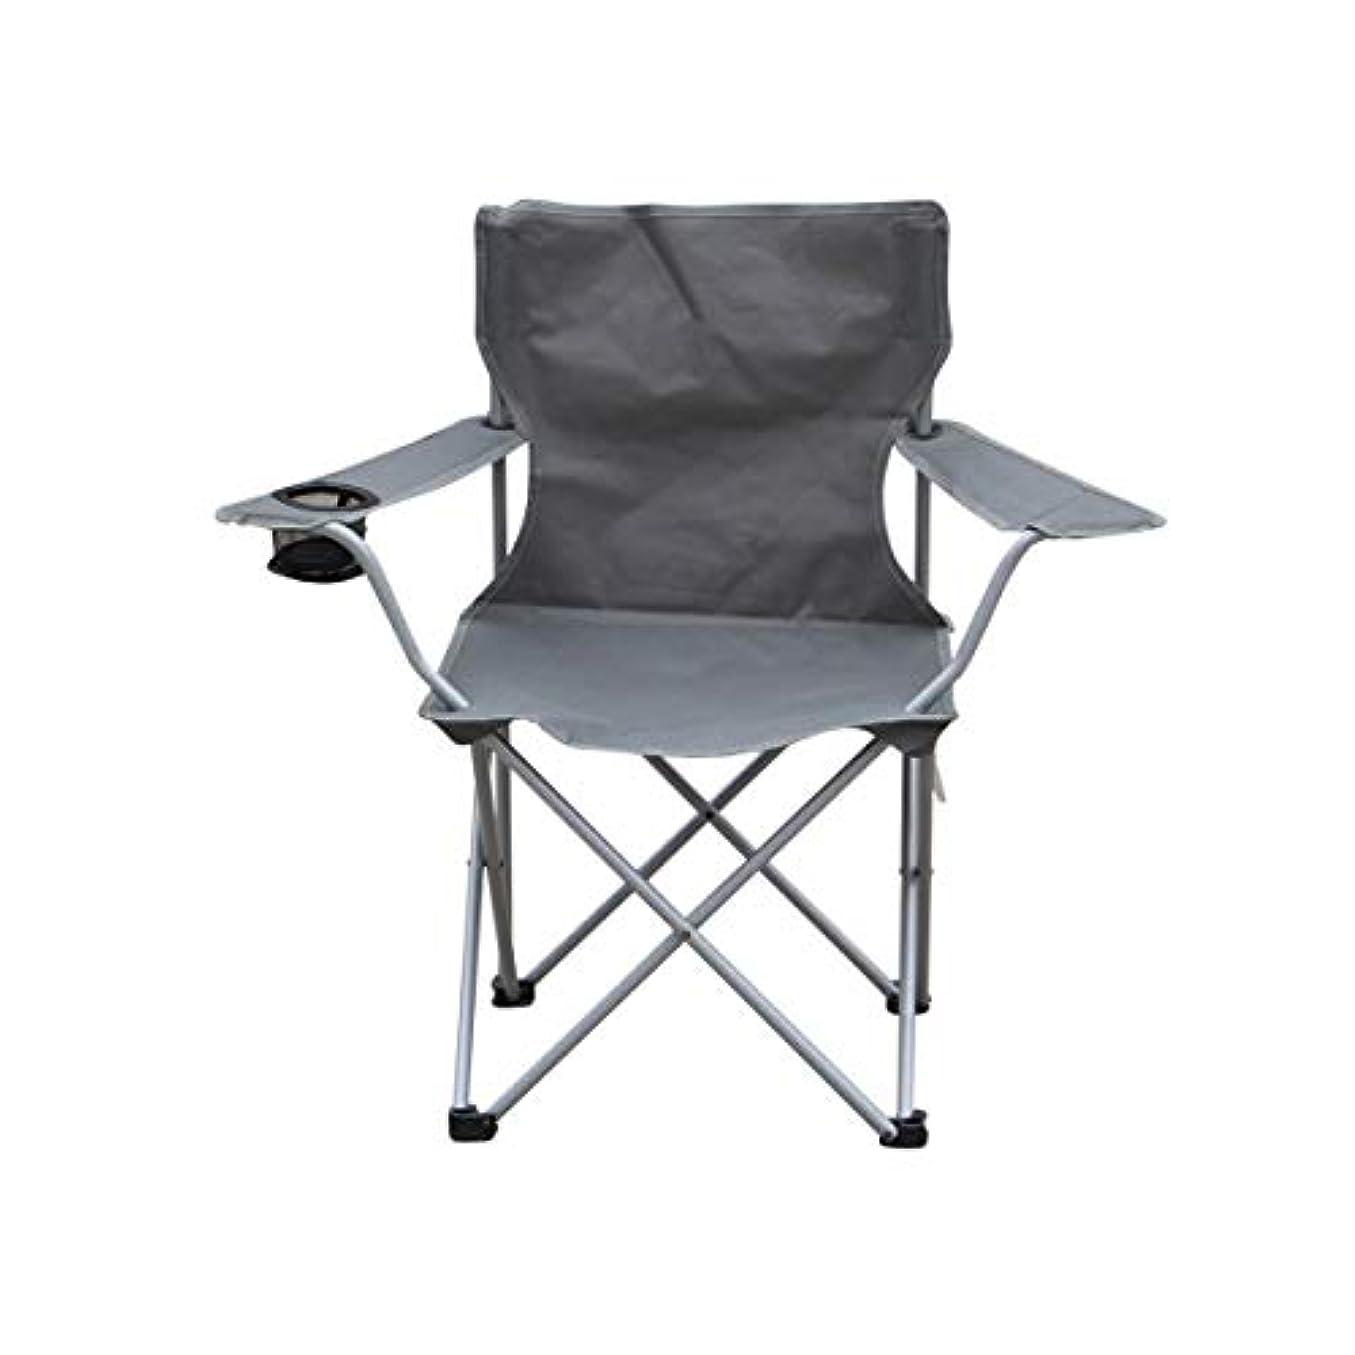 迅速要件賠償屋外折りたたみ椅子ポータブルレジャービーチスケッチ背もたれアームチェアマザール釣り椅子列車釣りテーブルと椅子、良い素材 実用的で丈夫